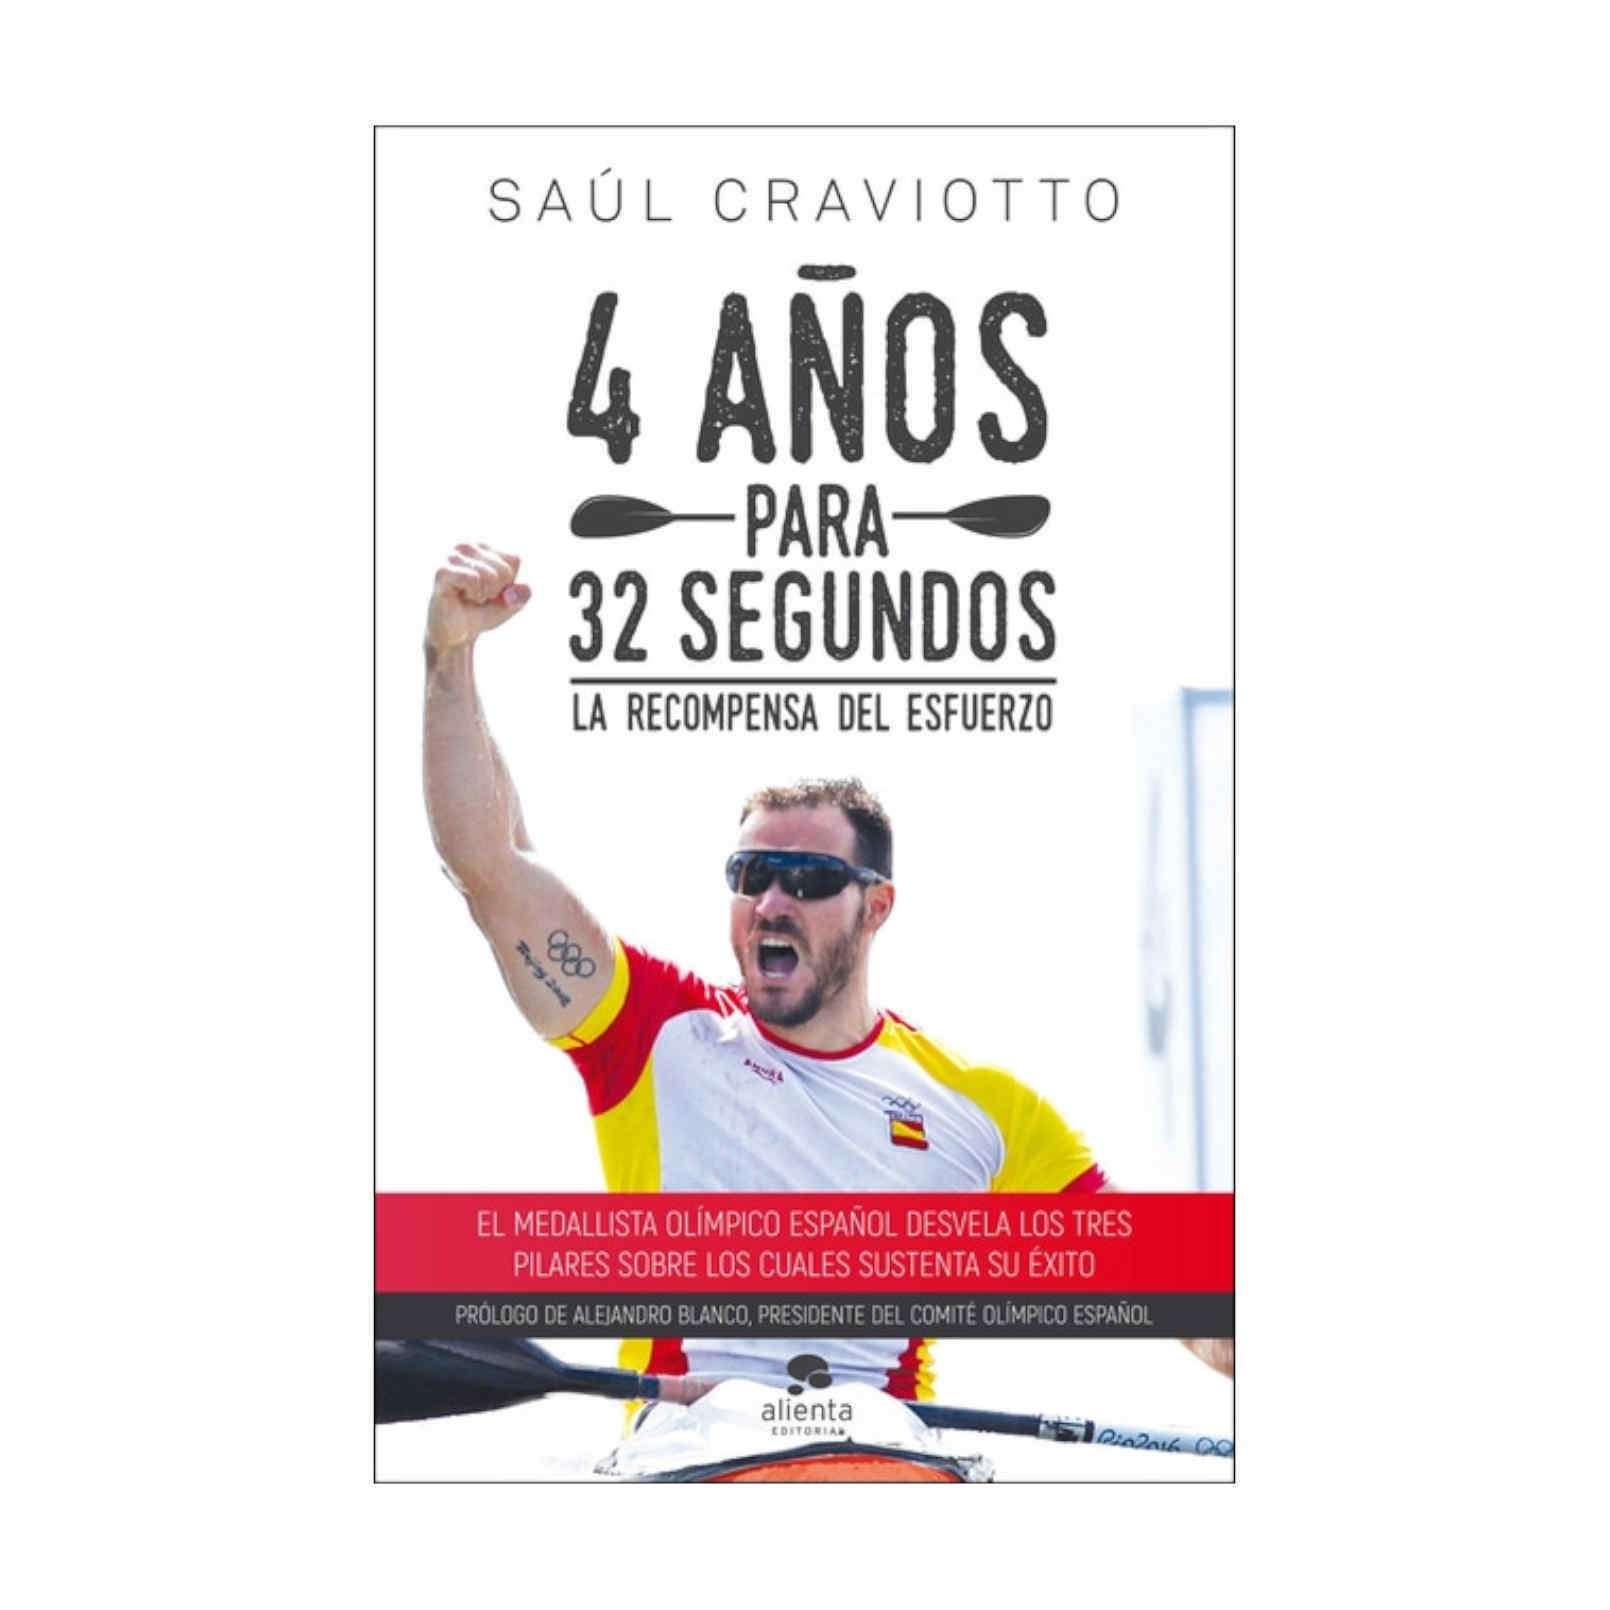 LIBRO SAUL CRAVIOTTO 4 AÑOS PARA 32 SEGUNDOS